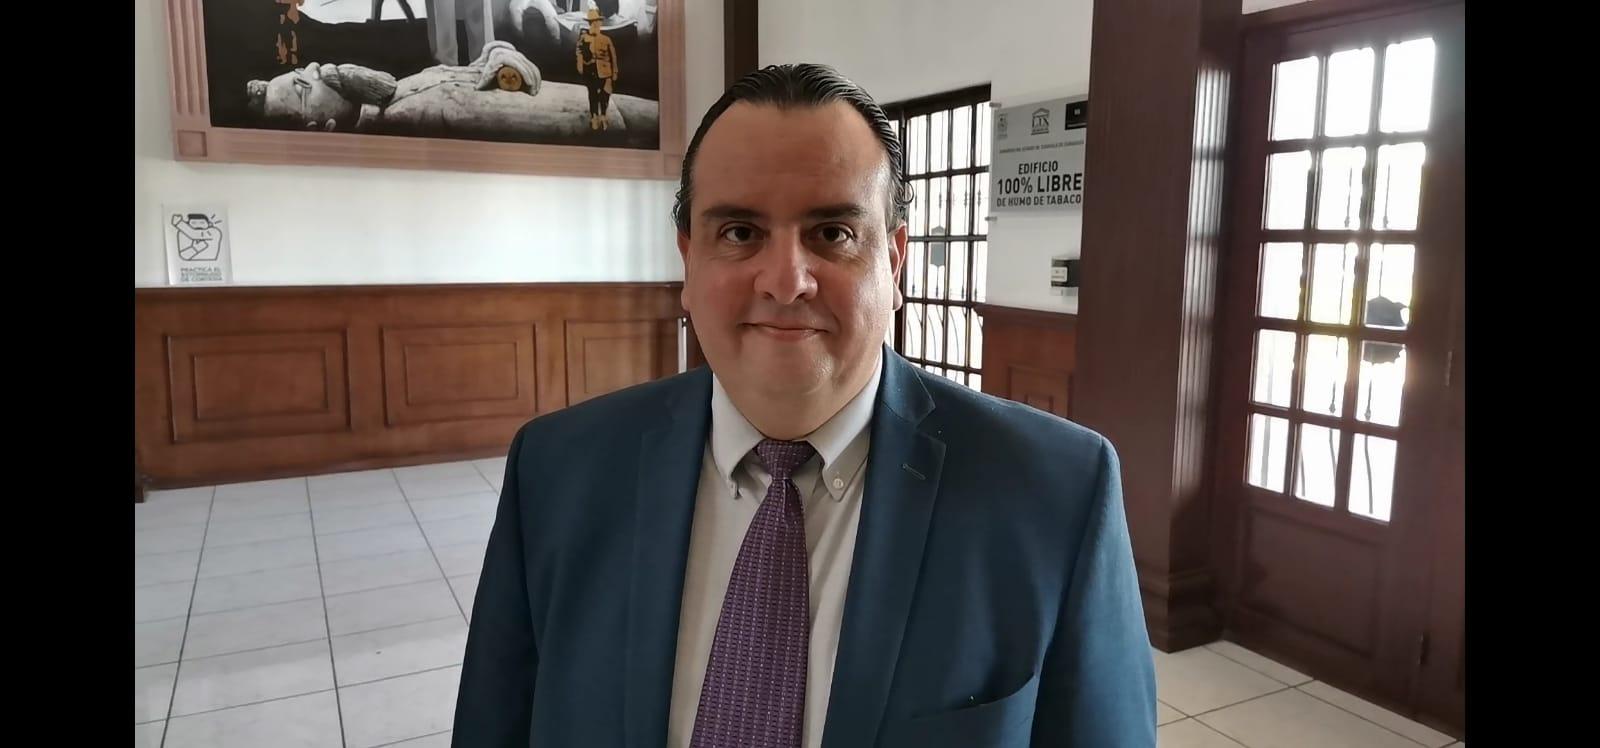 Alberto Boardman, director de comunicación del Congreso del Estado